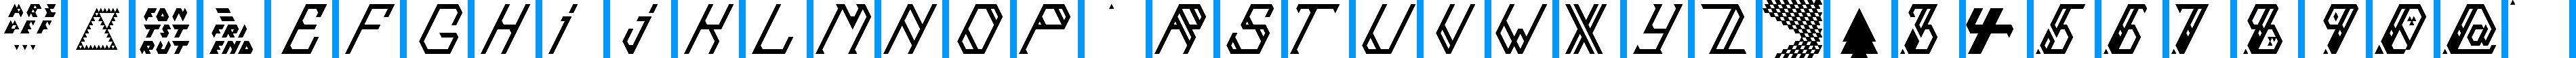 Particip-a-type v.331